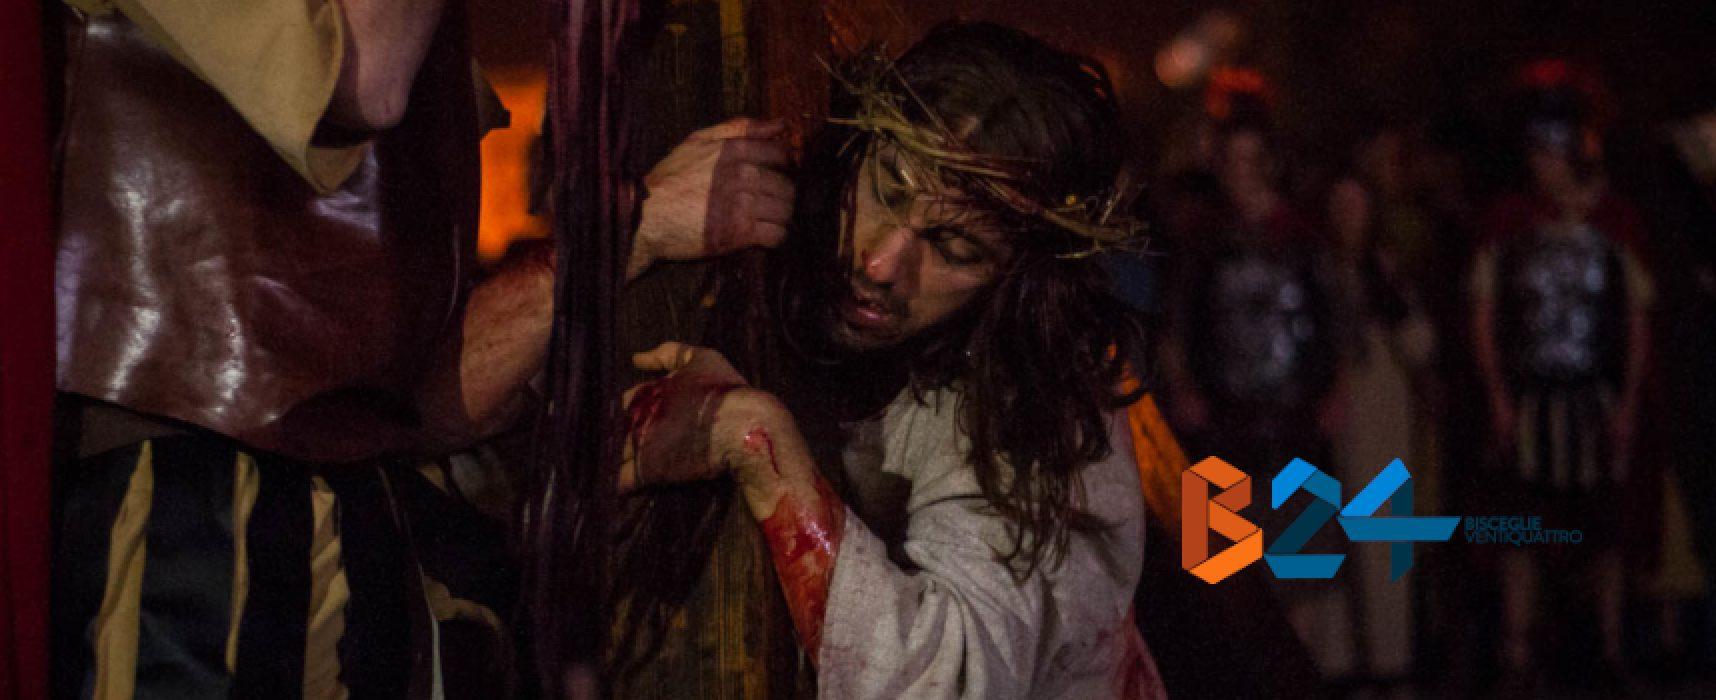 Associazione Schàra onlus, è il giorno della Passio Christi